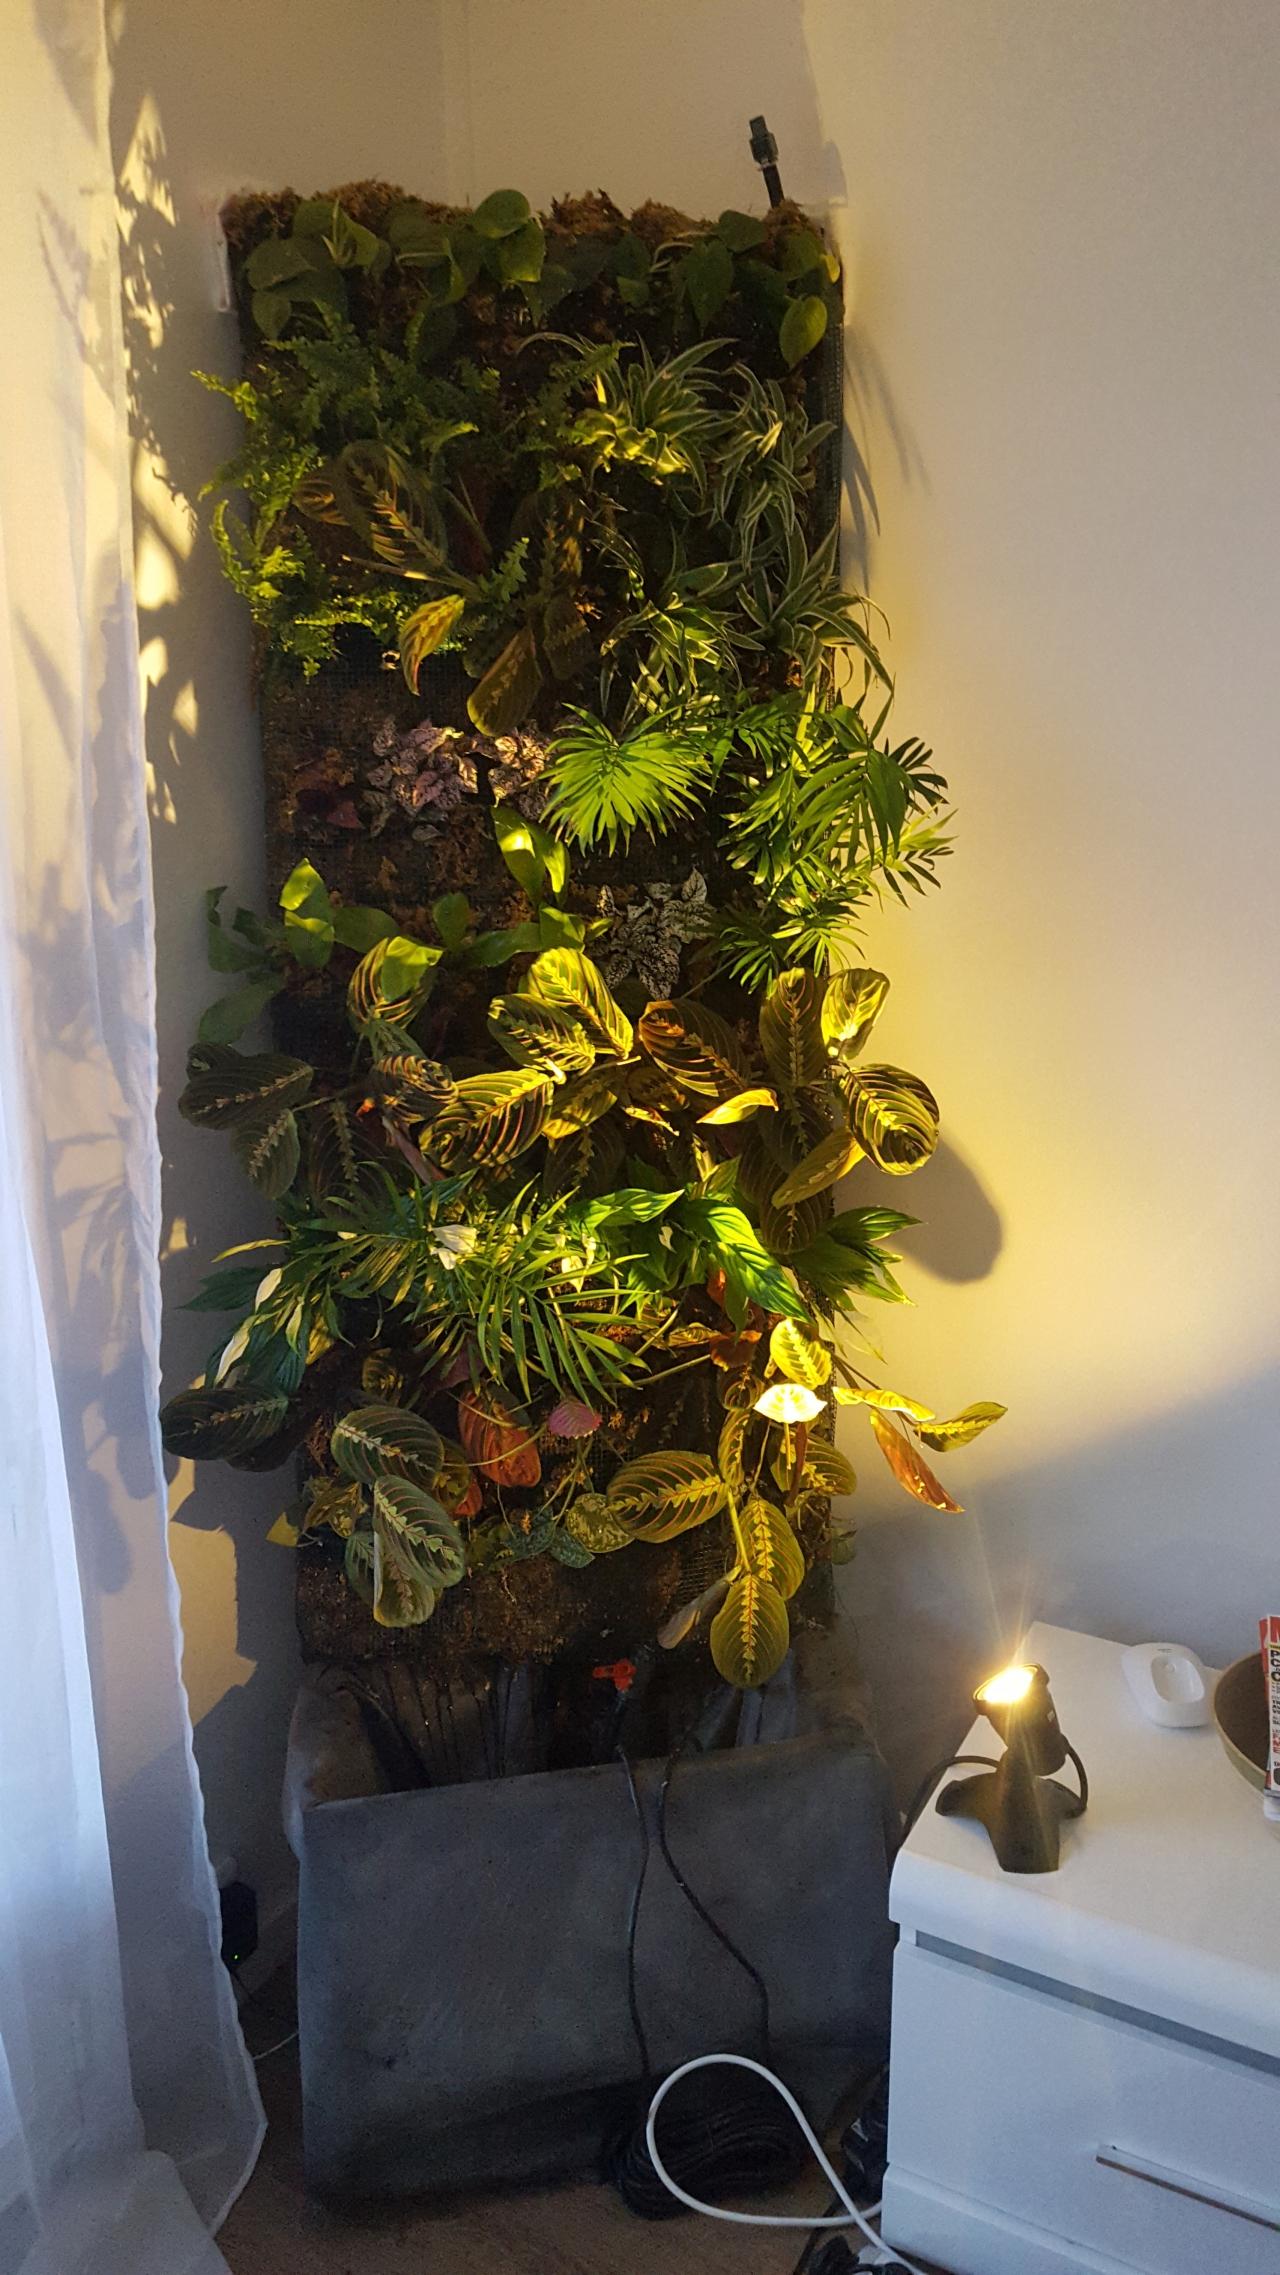 c 39 est fait le mur v g tal d 39 int rieur est en plants comment cr er son jardin. Black Bedroom Furniture Sets. Home Design Ideas